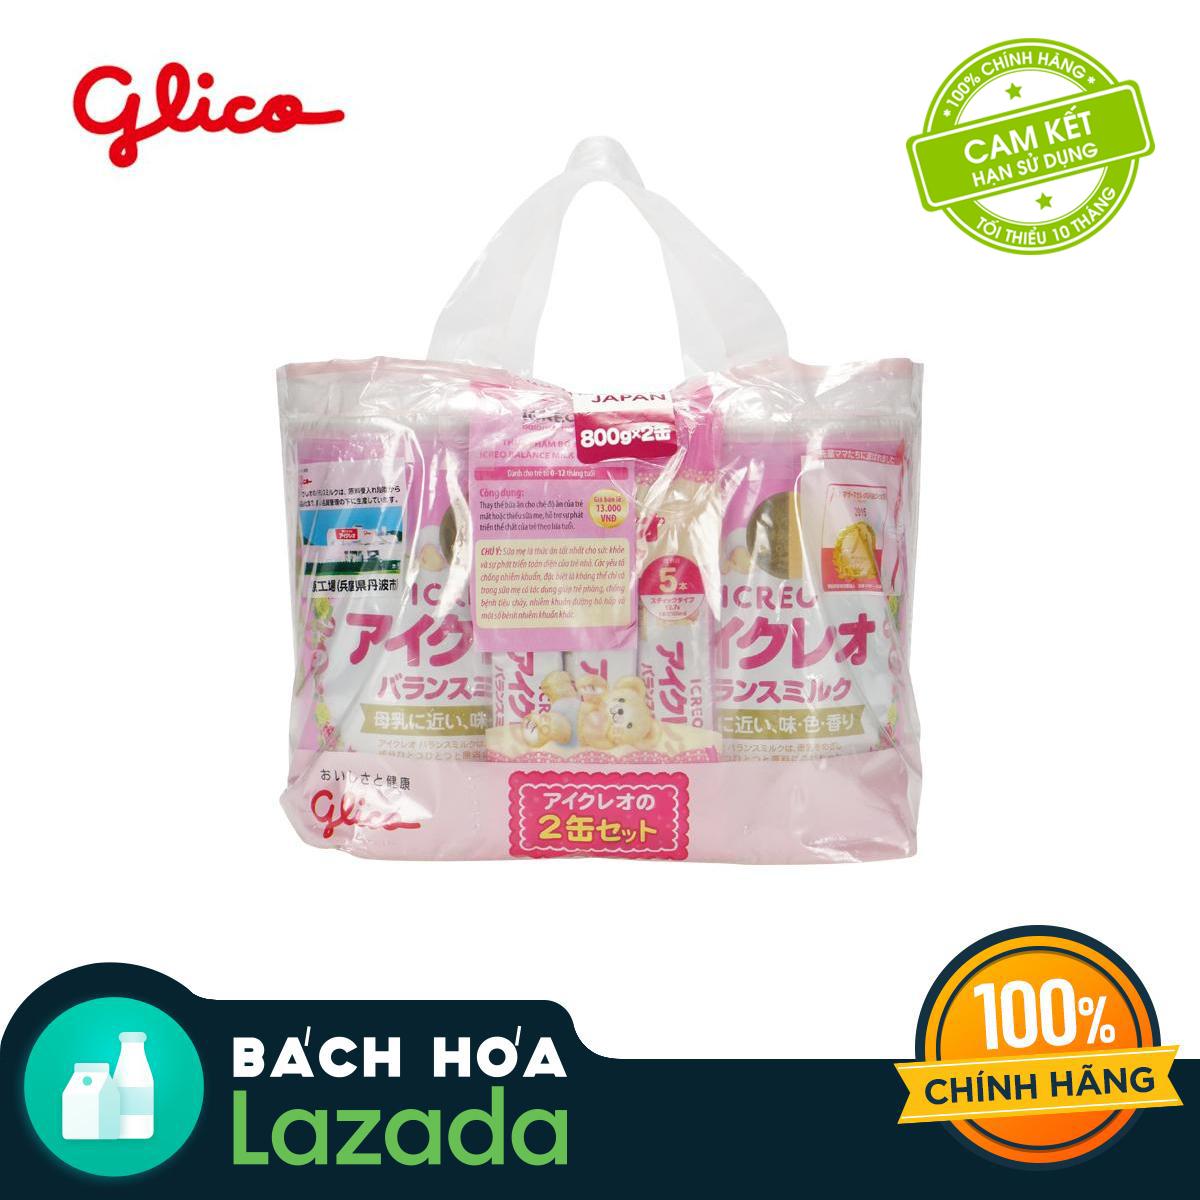 CB Glico Icreo Balance Milk số 0 gồm 2 hộp 800g & 5 thanh sữa tiện dụng (5 thanh x12.7g) - 100% nội địa Nhật Bản